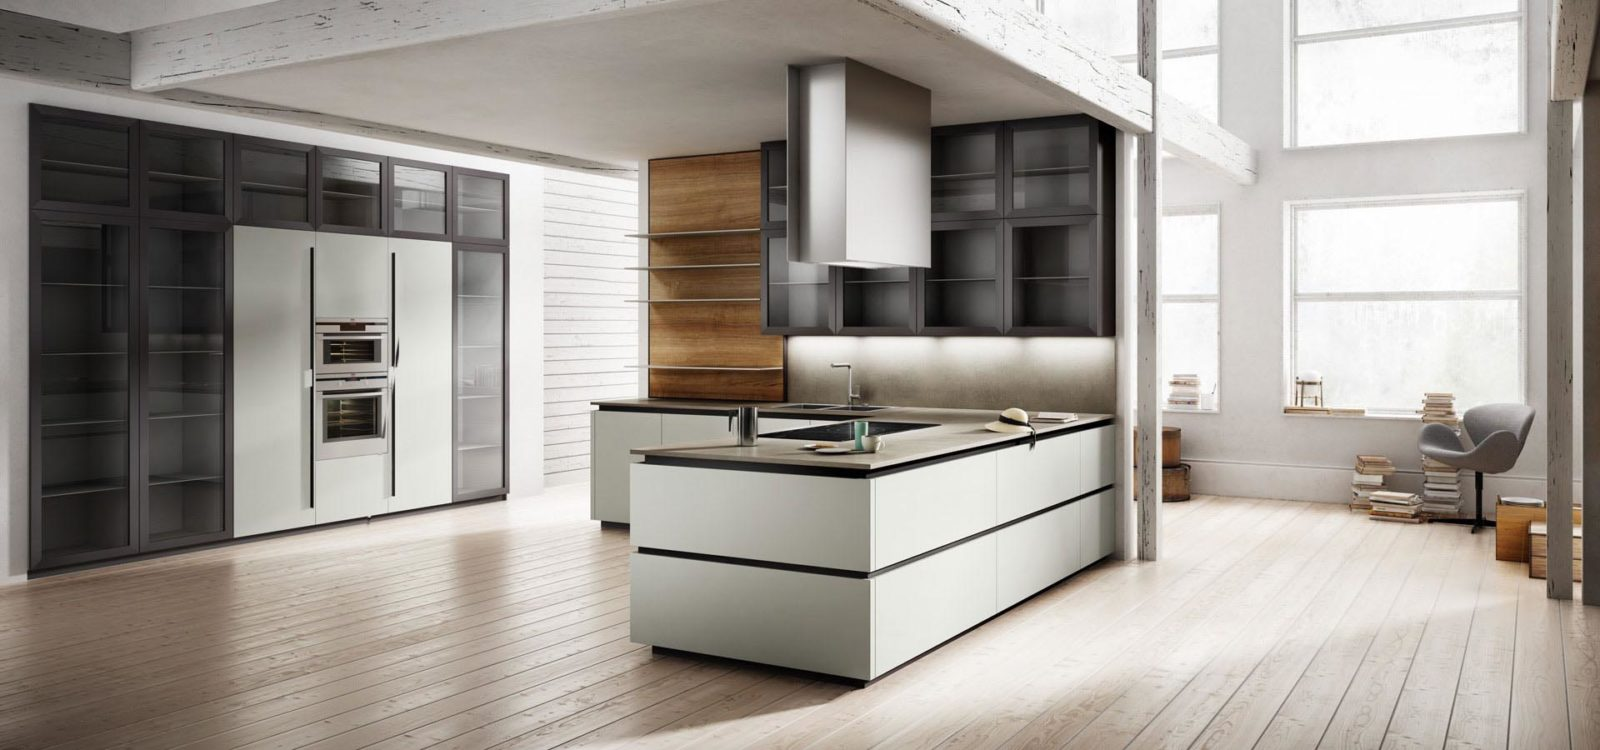 Vendita cucine moderne a padova lineari con isola e ad for Arredo cucina design